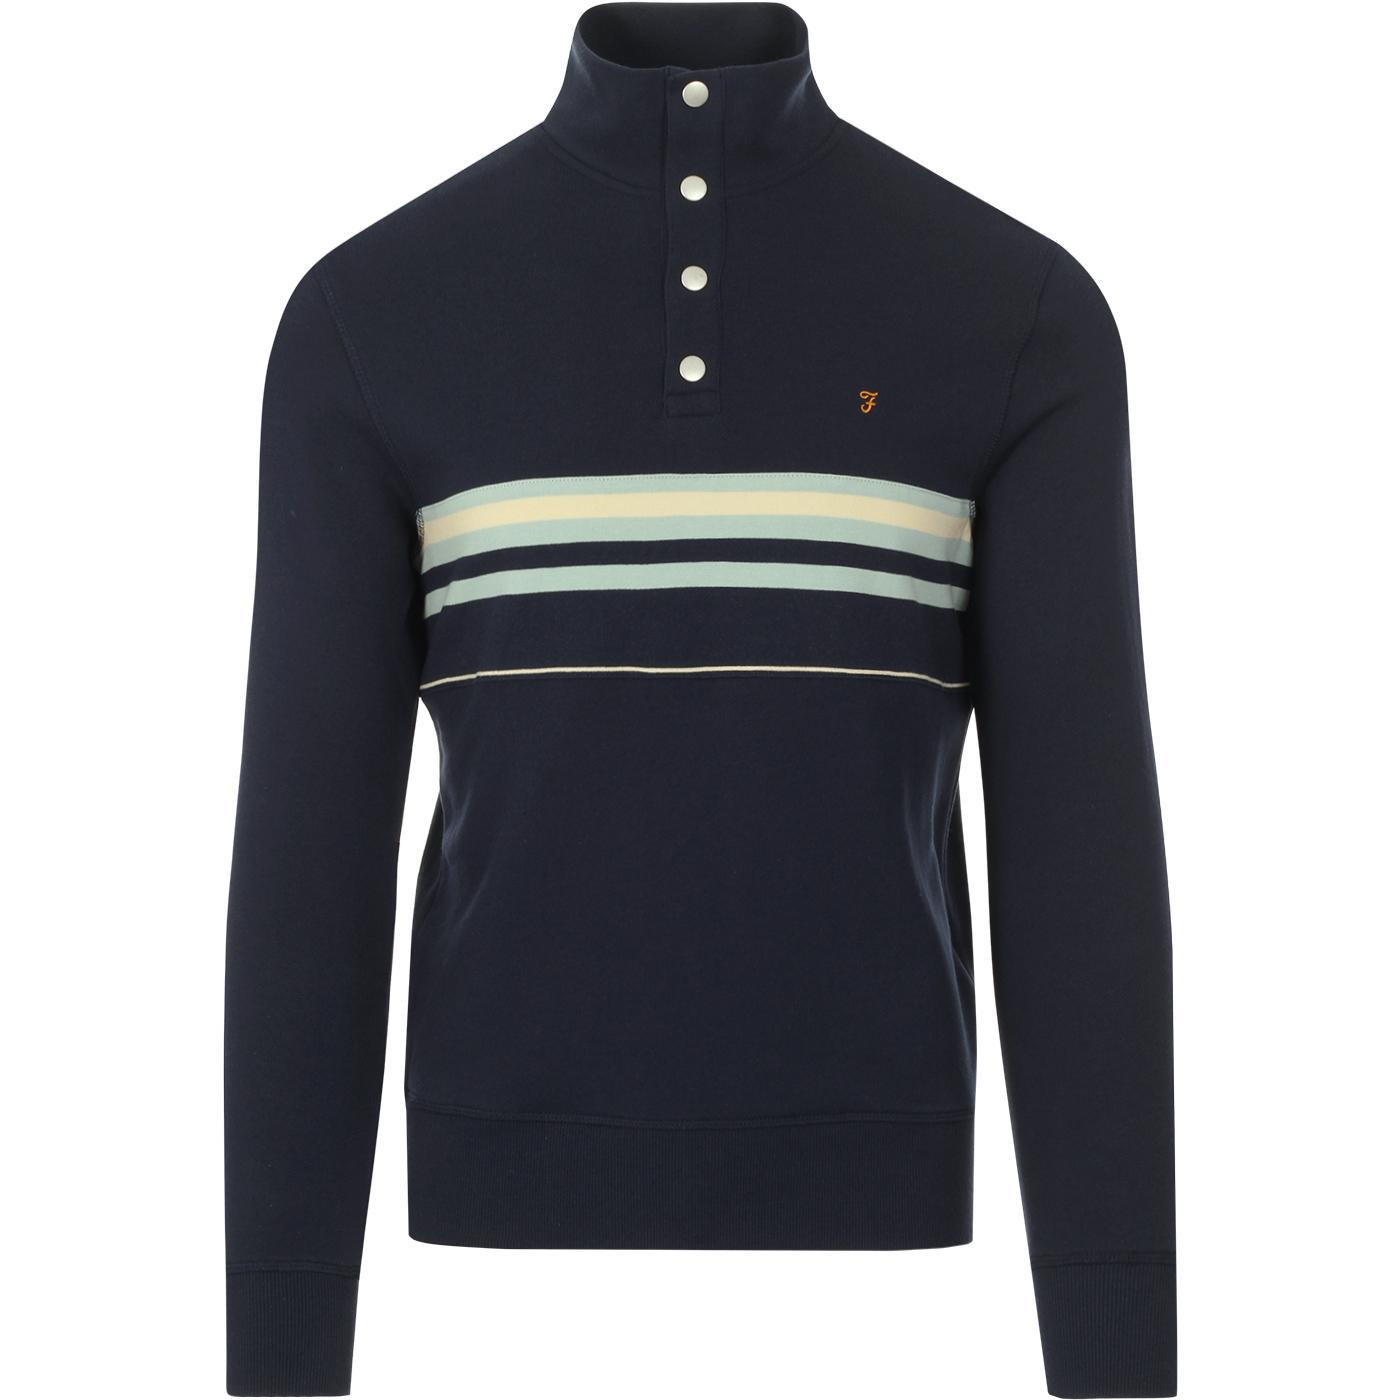 Segundo FARAH 100 Retro 70s Stripe Sweatshirt YALE